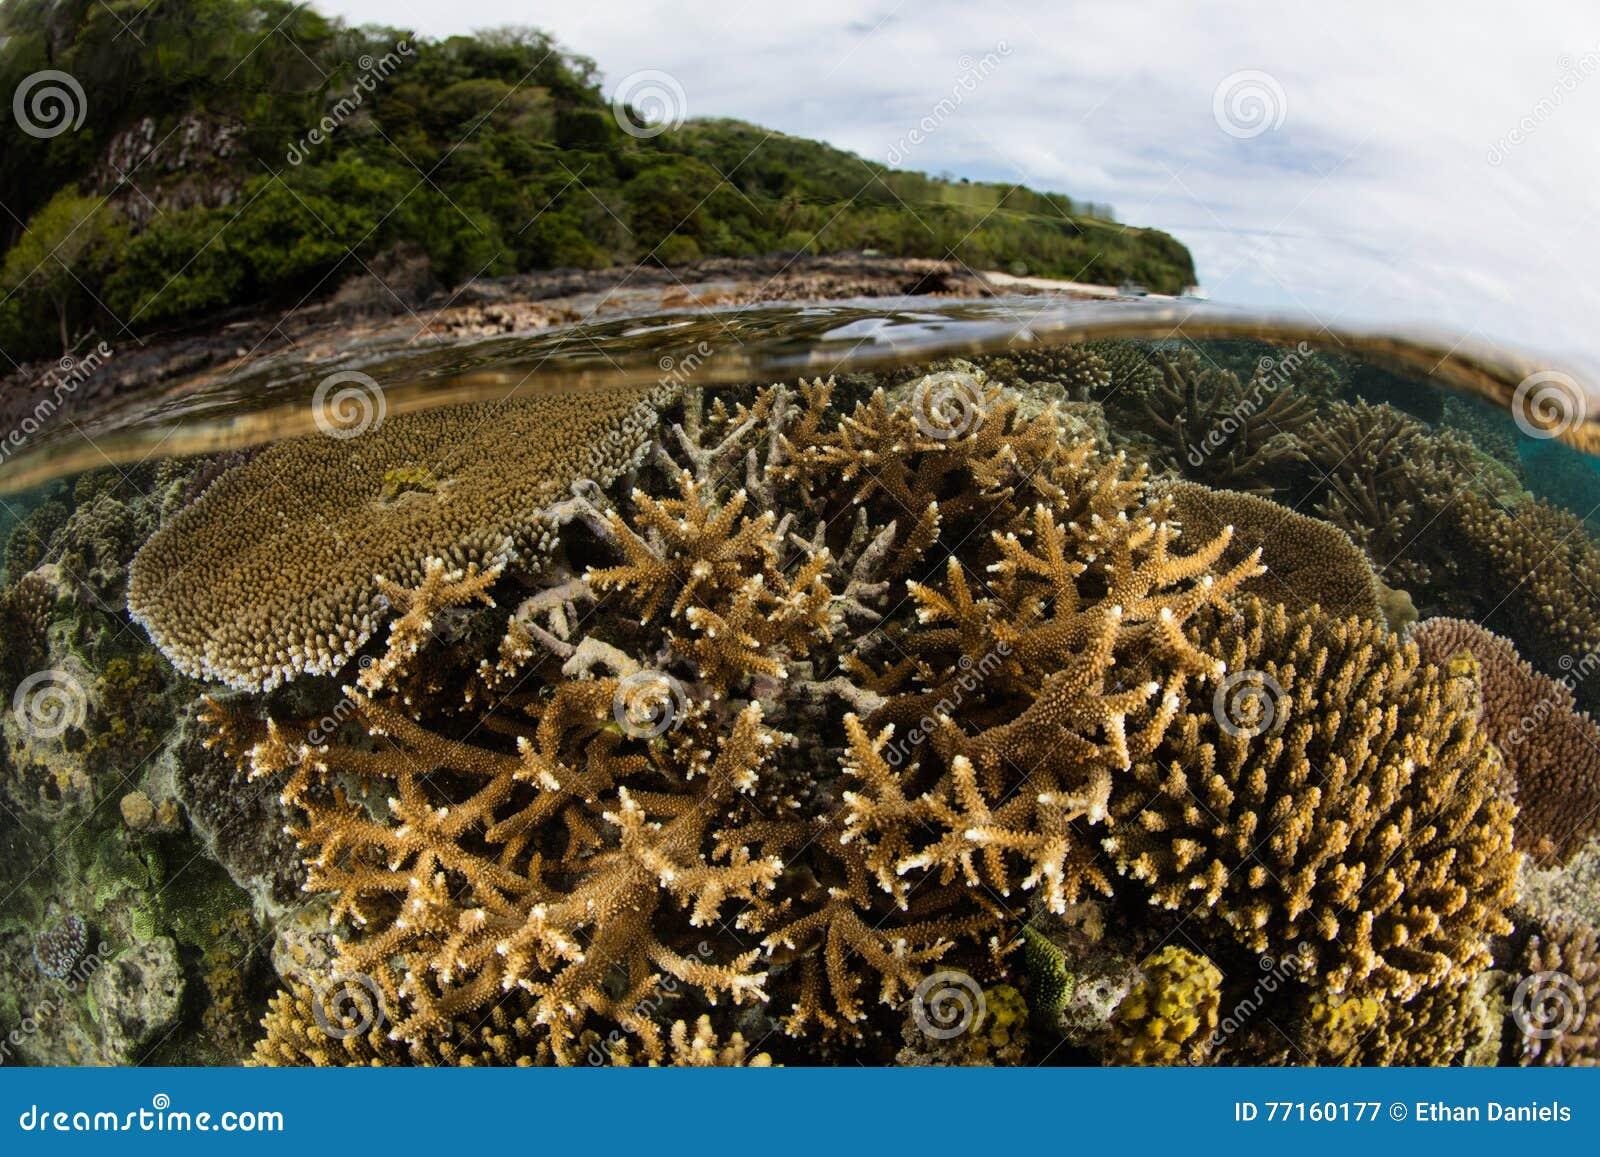 Coraux renforcement de récif en eau peu profonde